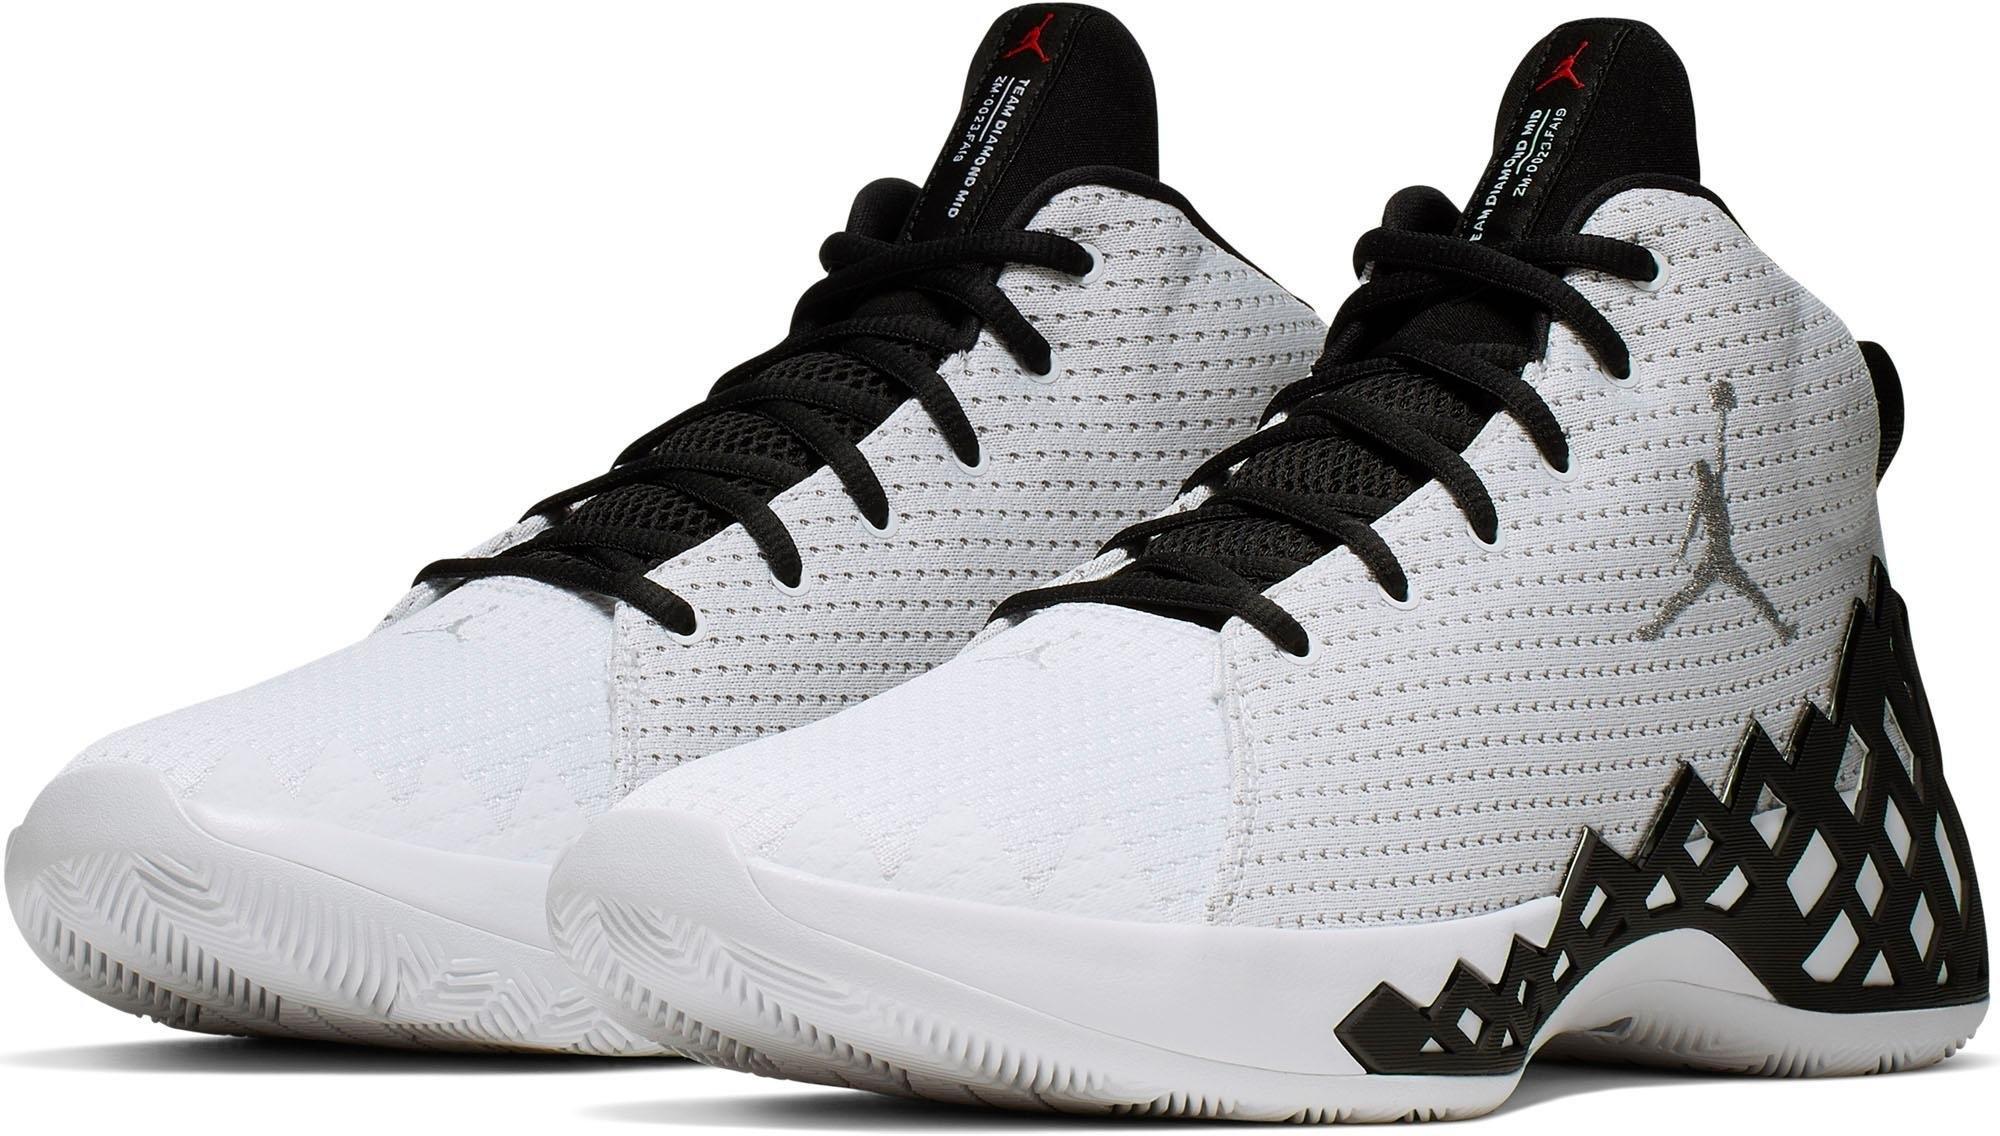 Jordan basketbalschoenen »Jumpman Diamond Mid« nu online kopen bij OTTO